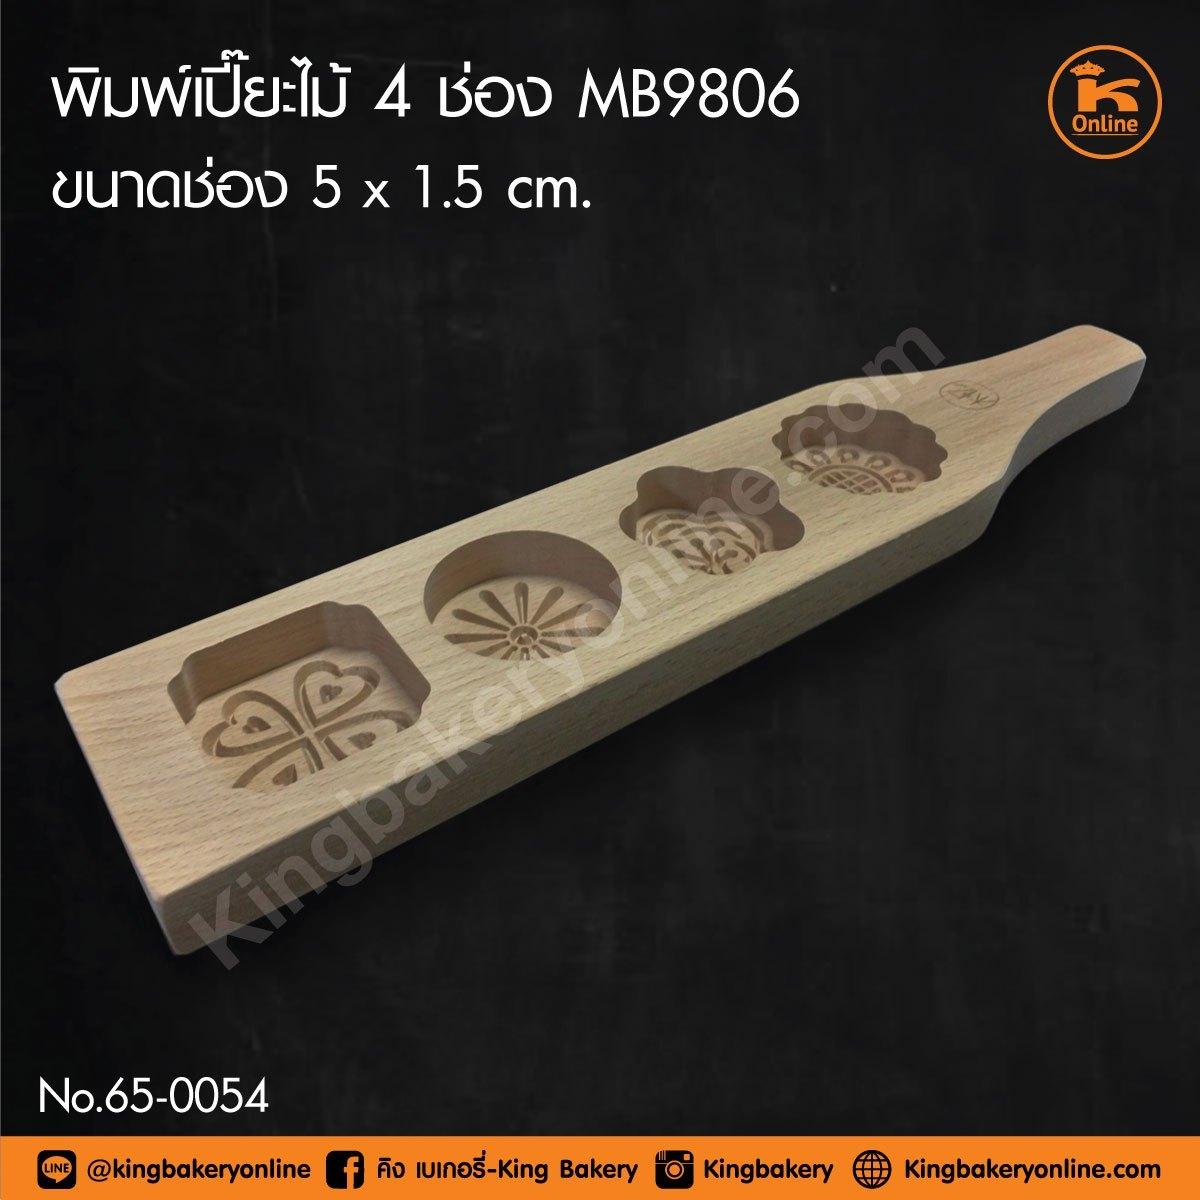 พิมพ์เปี๊ยะไม้ 4 ช่อง MB9803 ขนาดช่อง 5cmX1.5cm